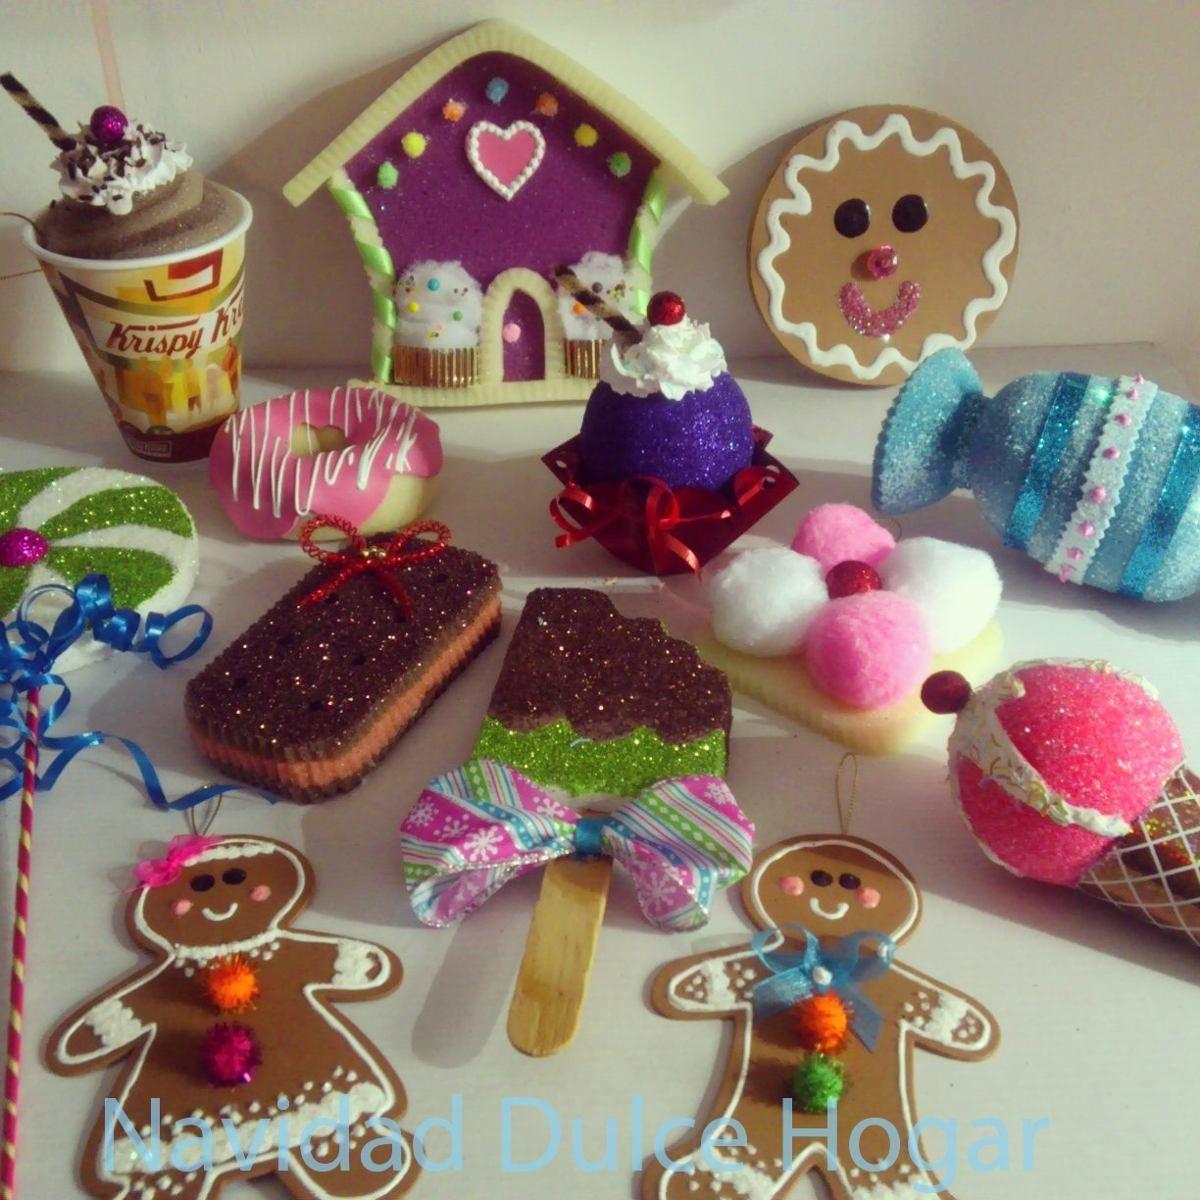 encuentra adornos navidenos de dulces para arbol de navidad artculos para navidad en mercado libre mxico descubre la mejor forma de comprar online